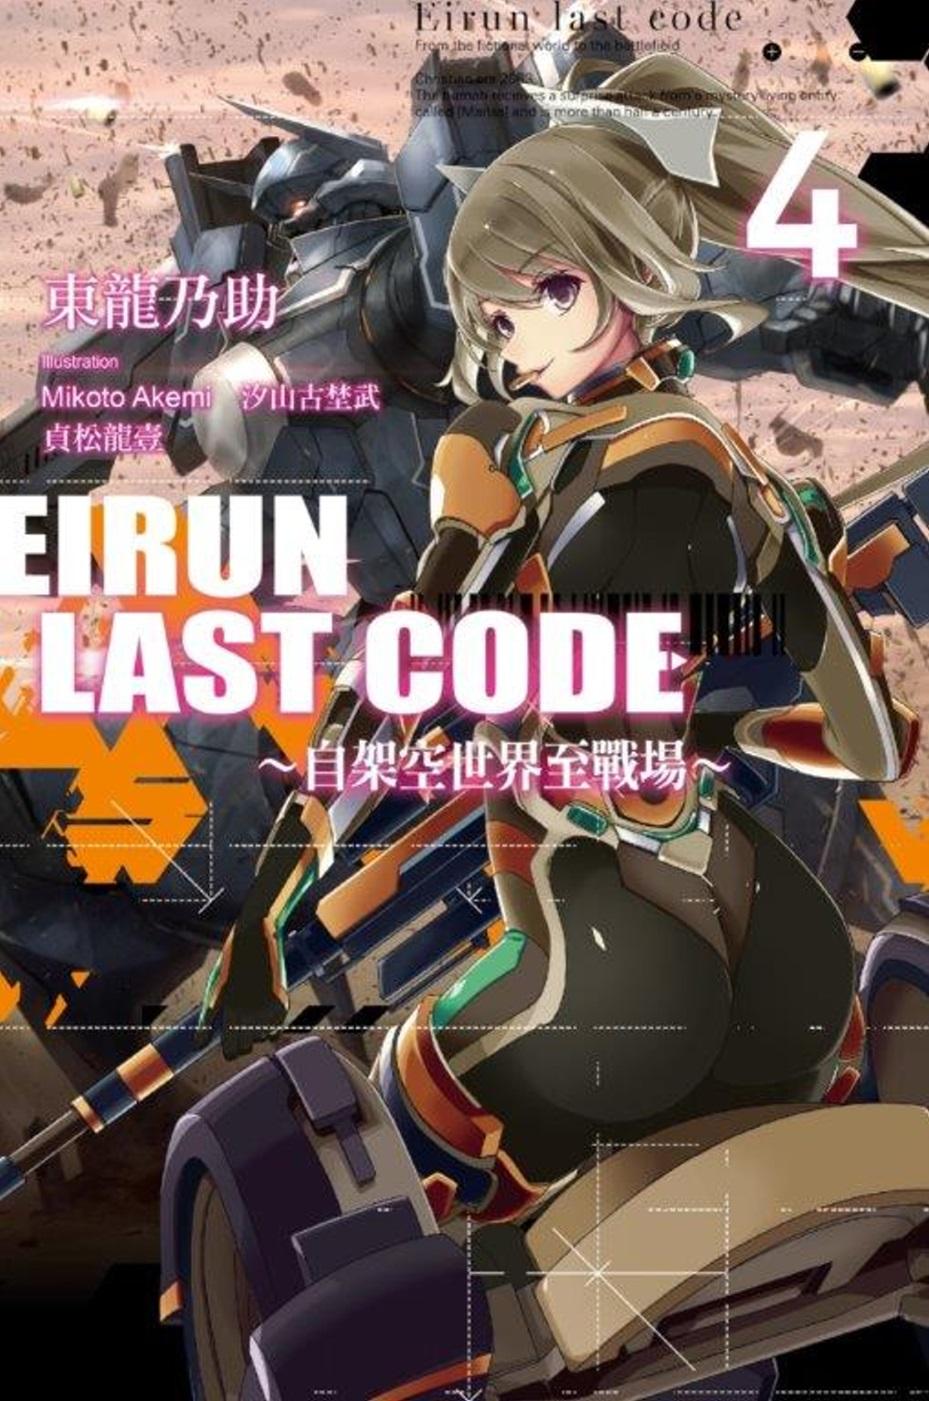 Eirun Last Code^~自架空世界至戰場^~^(04^)